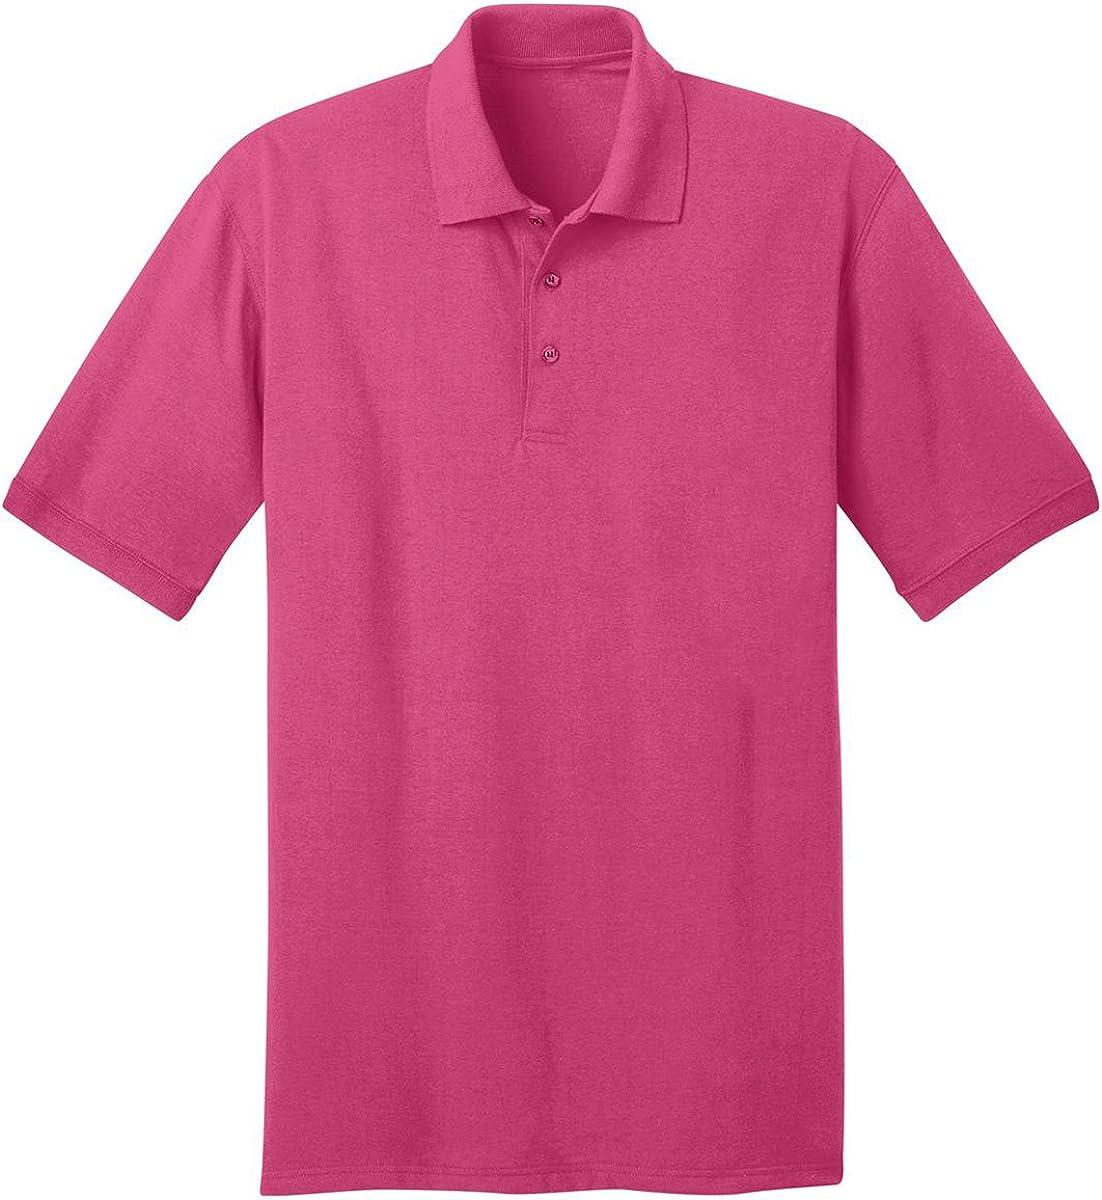 Port /& Company Mens Tall 55 Ounce Jersey Knit Polo